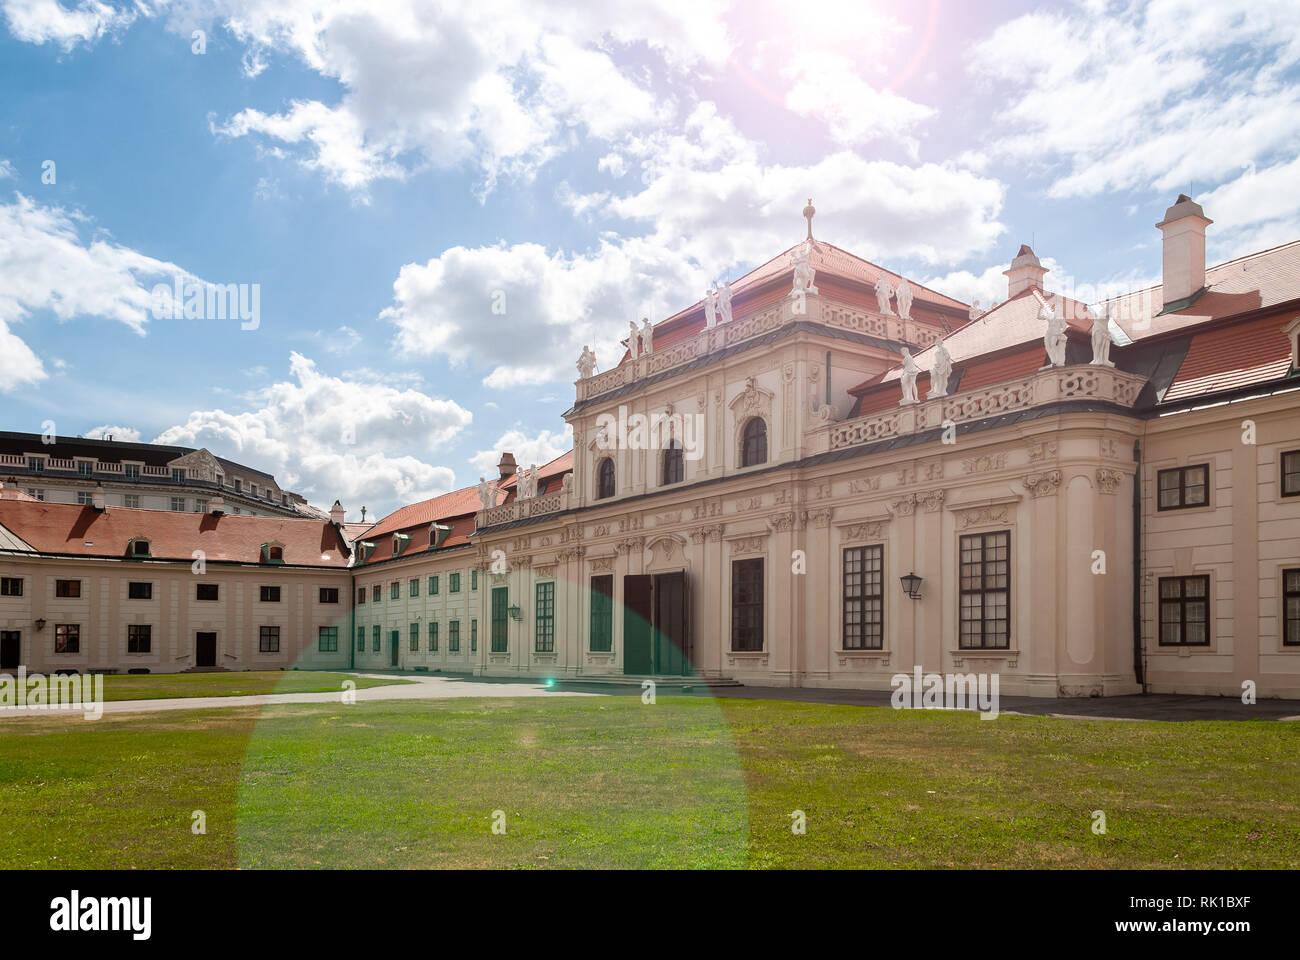 Palast der Unteren Belvedere in Wien, Österreich, Eingang, im Mittag Sonnenschein Stockfoto